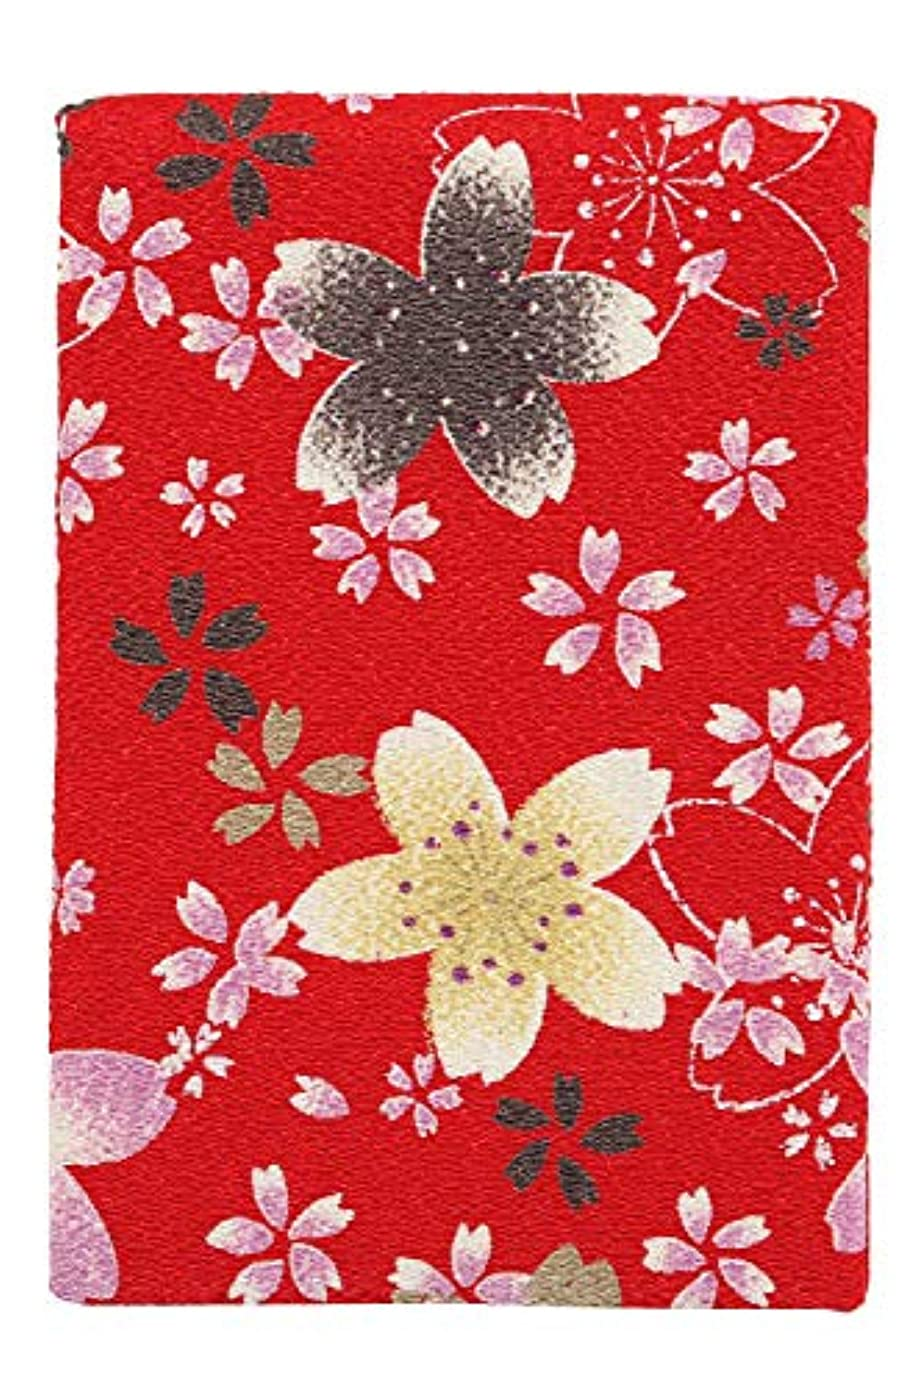 繁栄する累計飛躍小紋工房 立鏡 大 賑桜(赤) 二越ちりめん 京都 和KOMONO 江戸小紋 1303